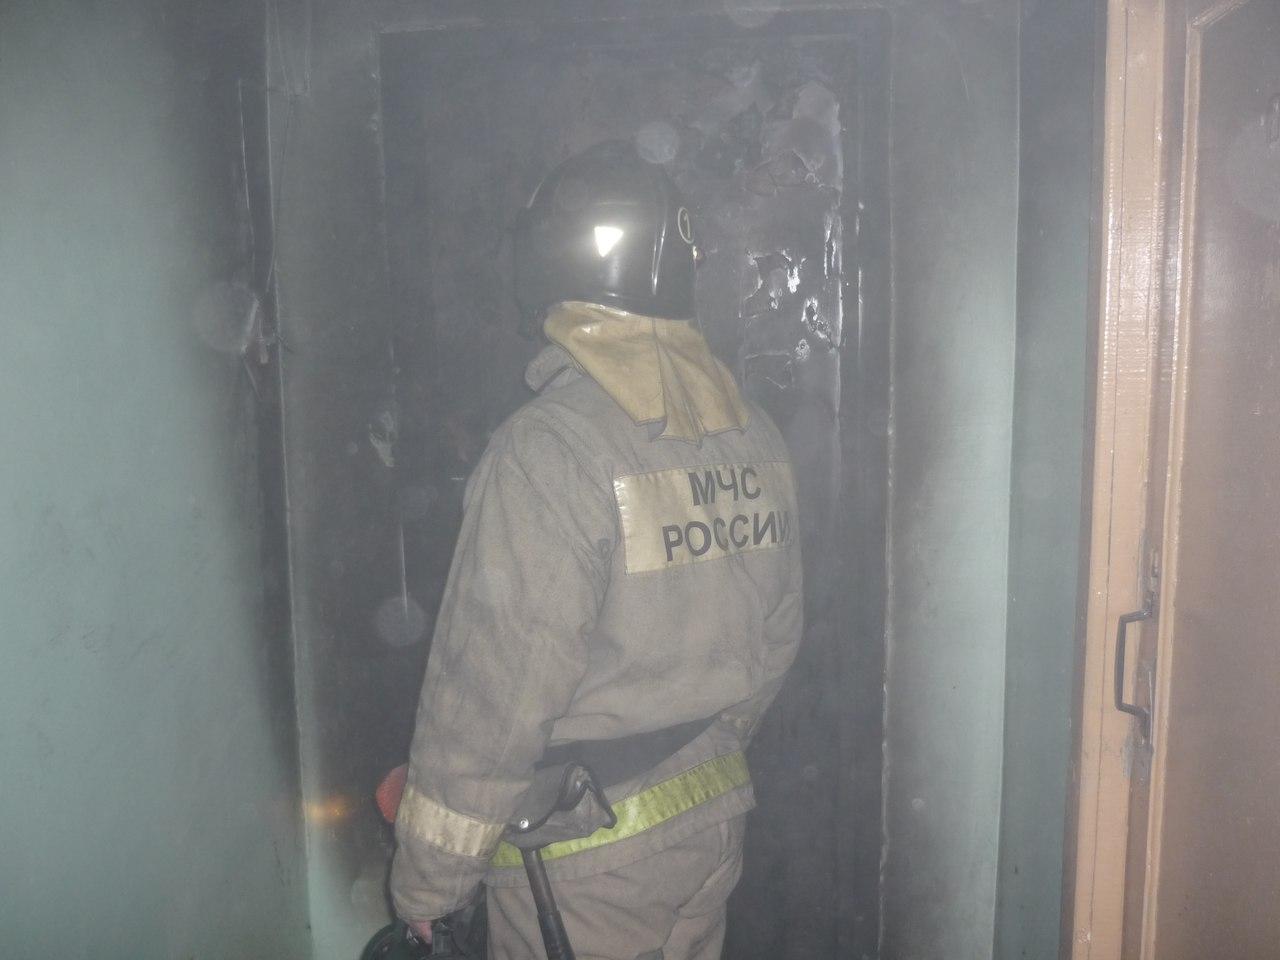 Ночью в Мурманске пожарным пришлось тушить чей-то ужин